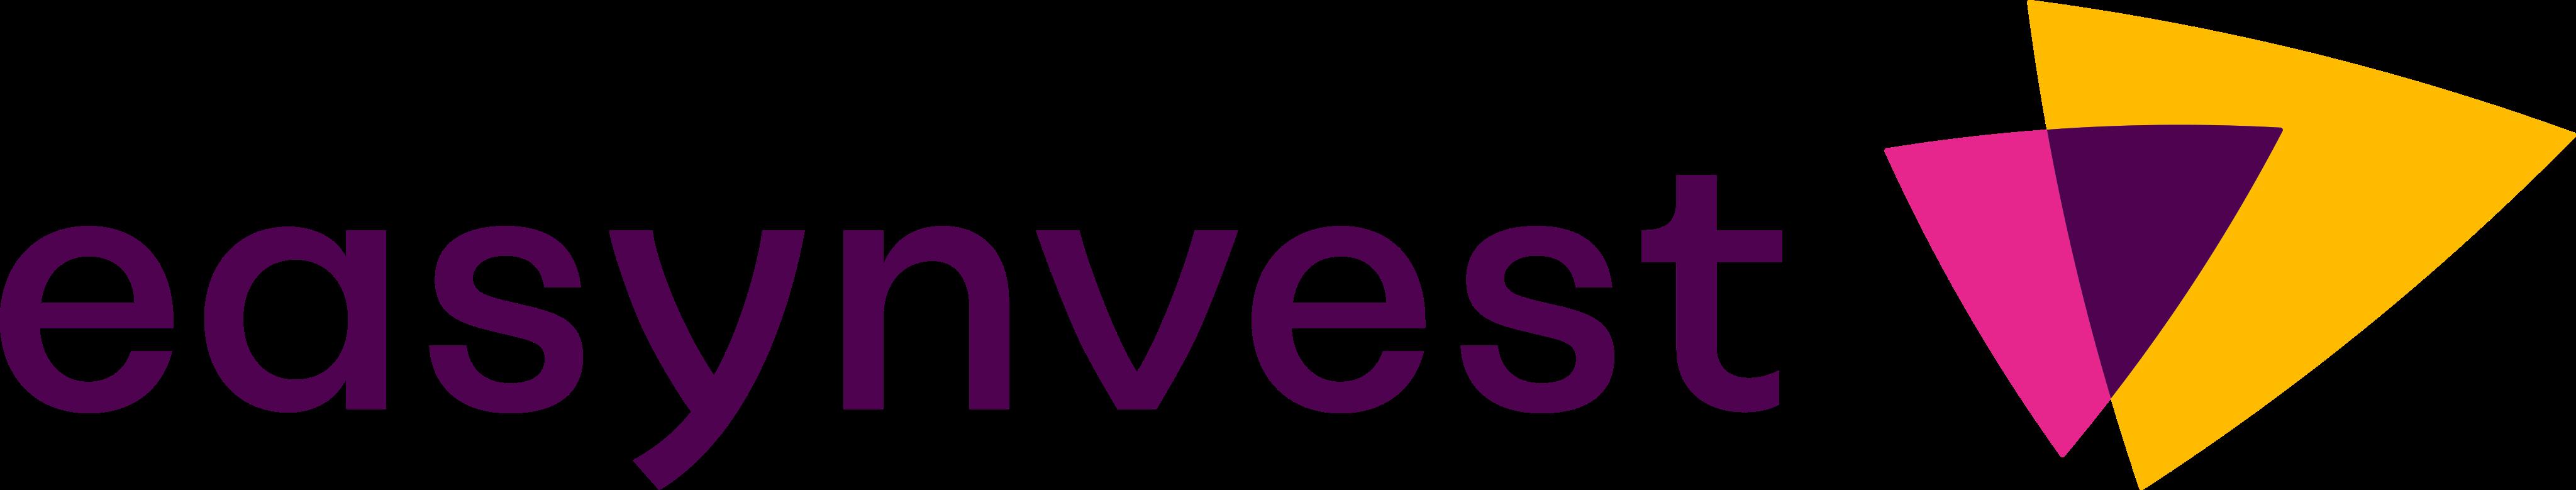 easynvest logo.